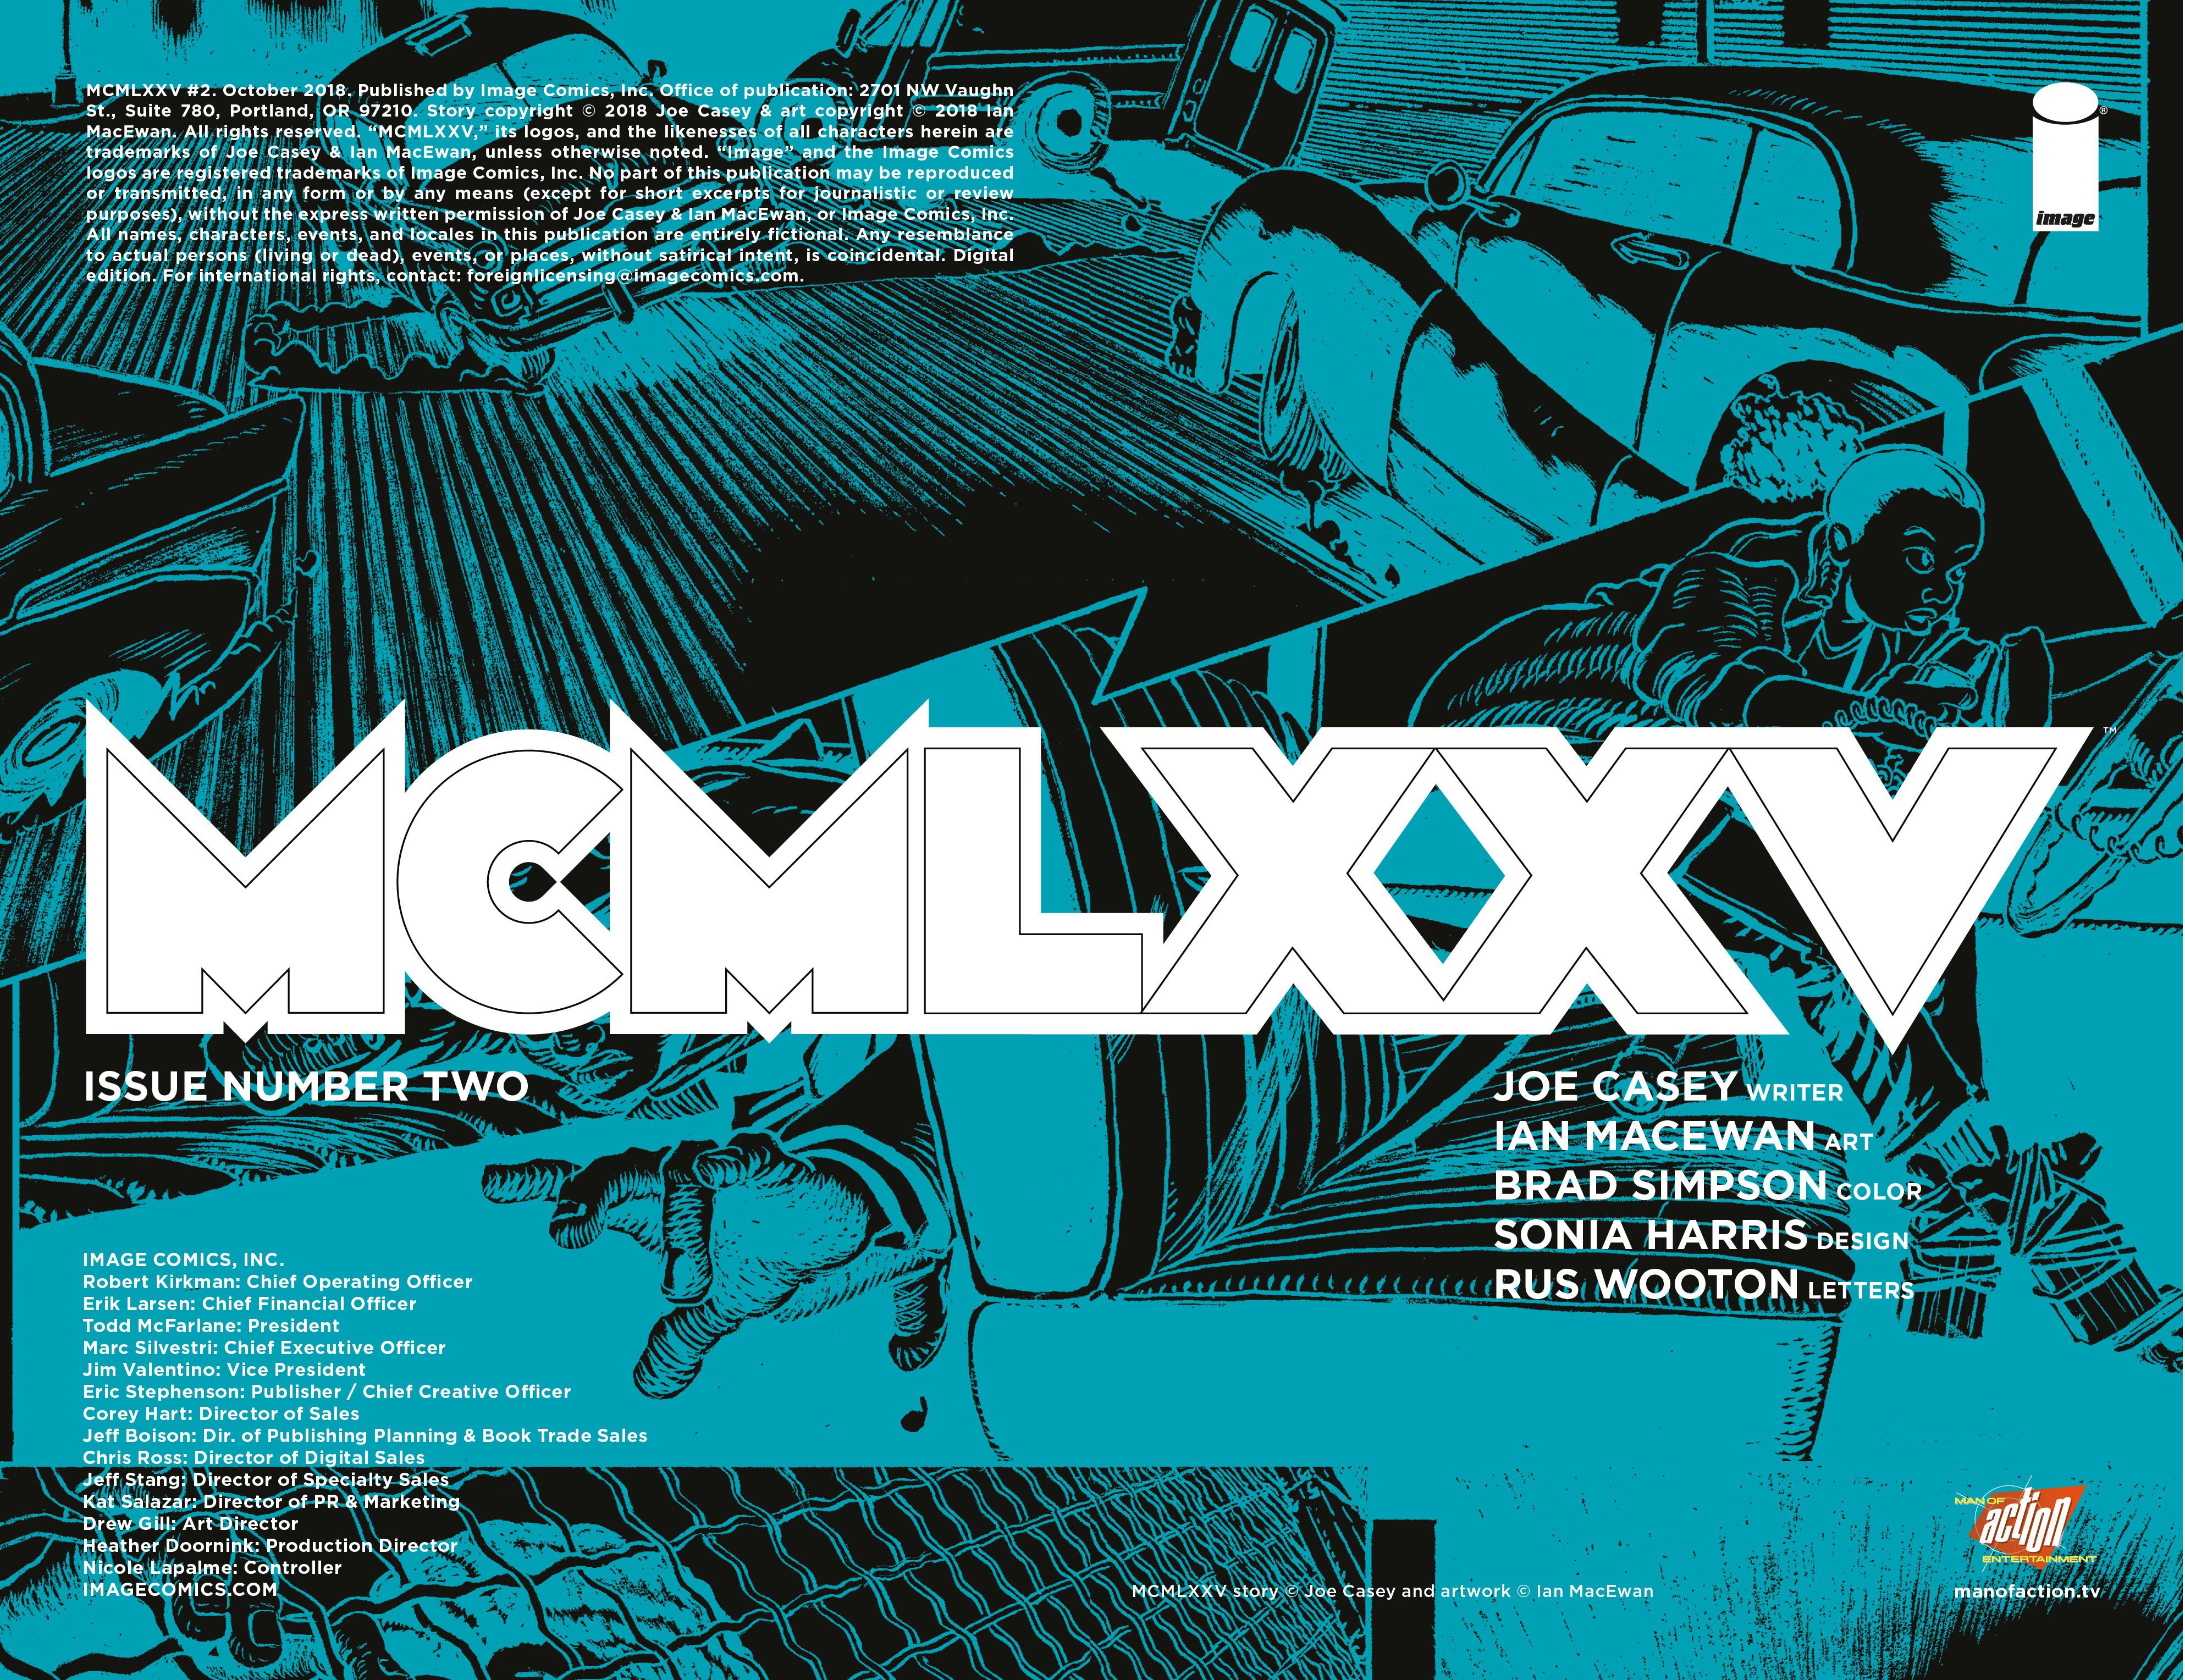 MCMLXXV 002 001